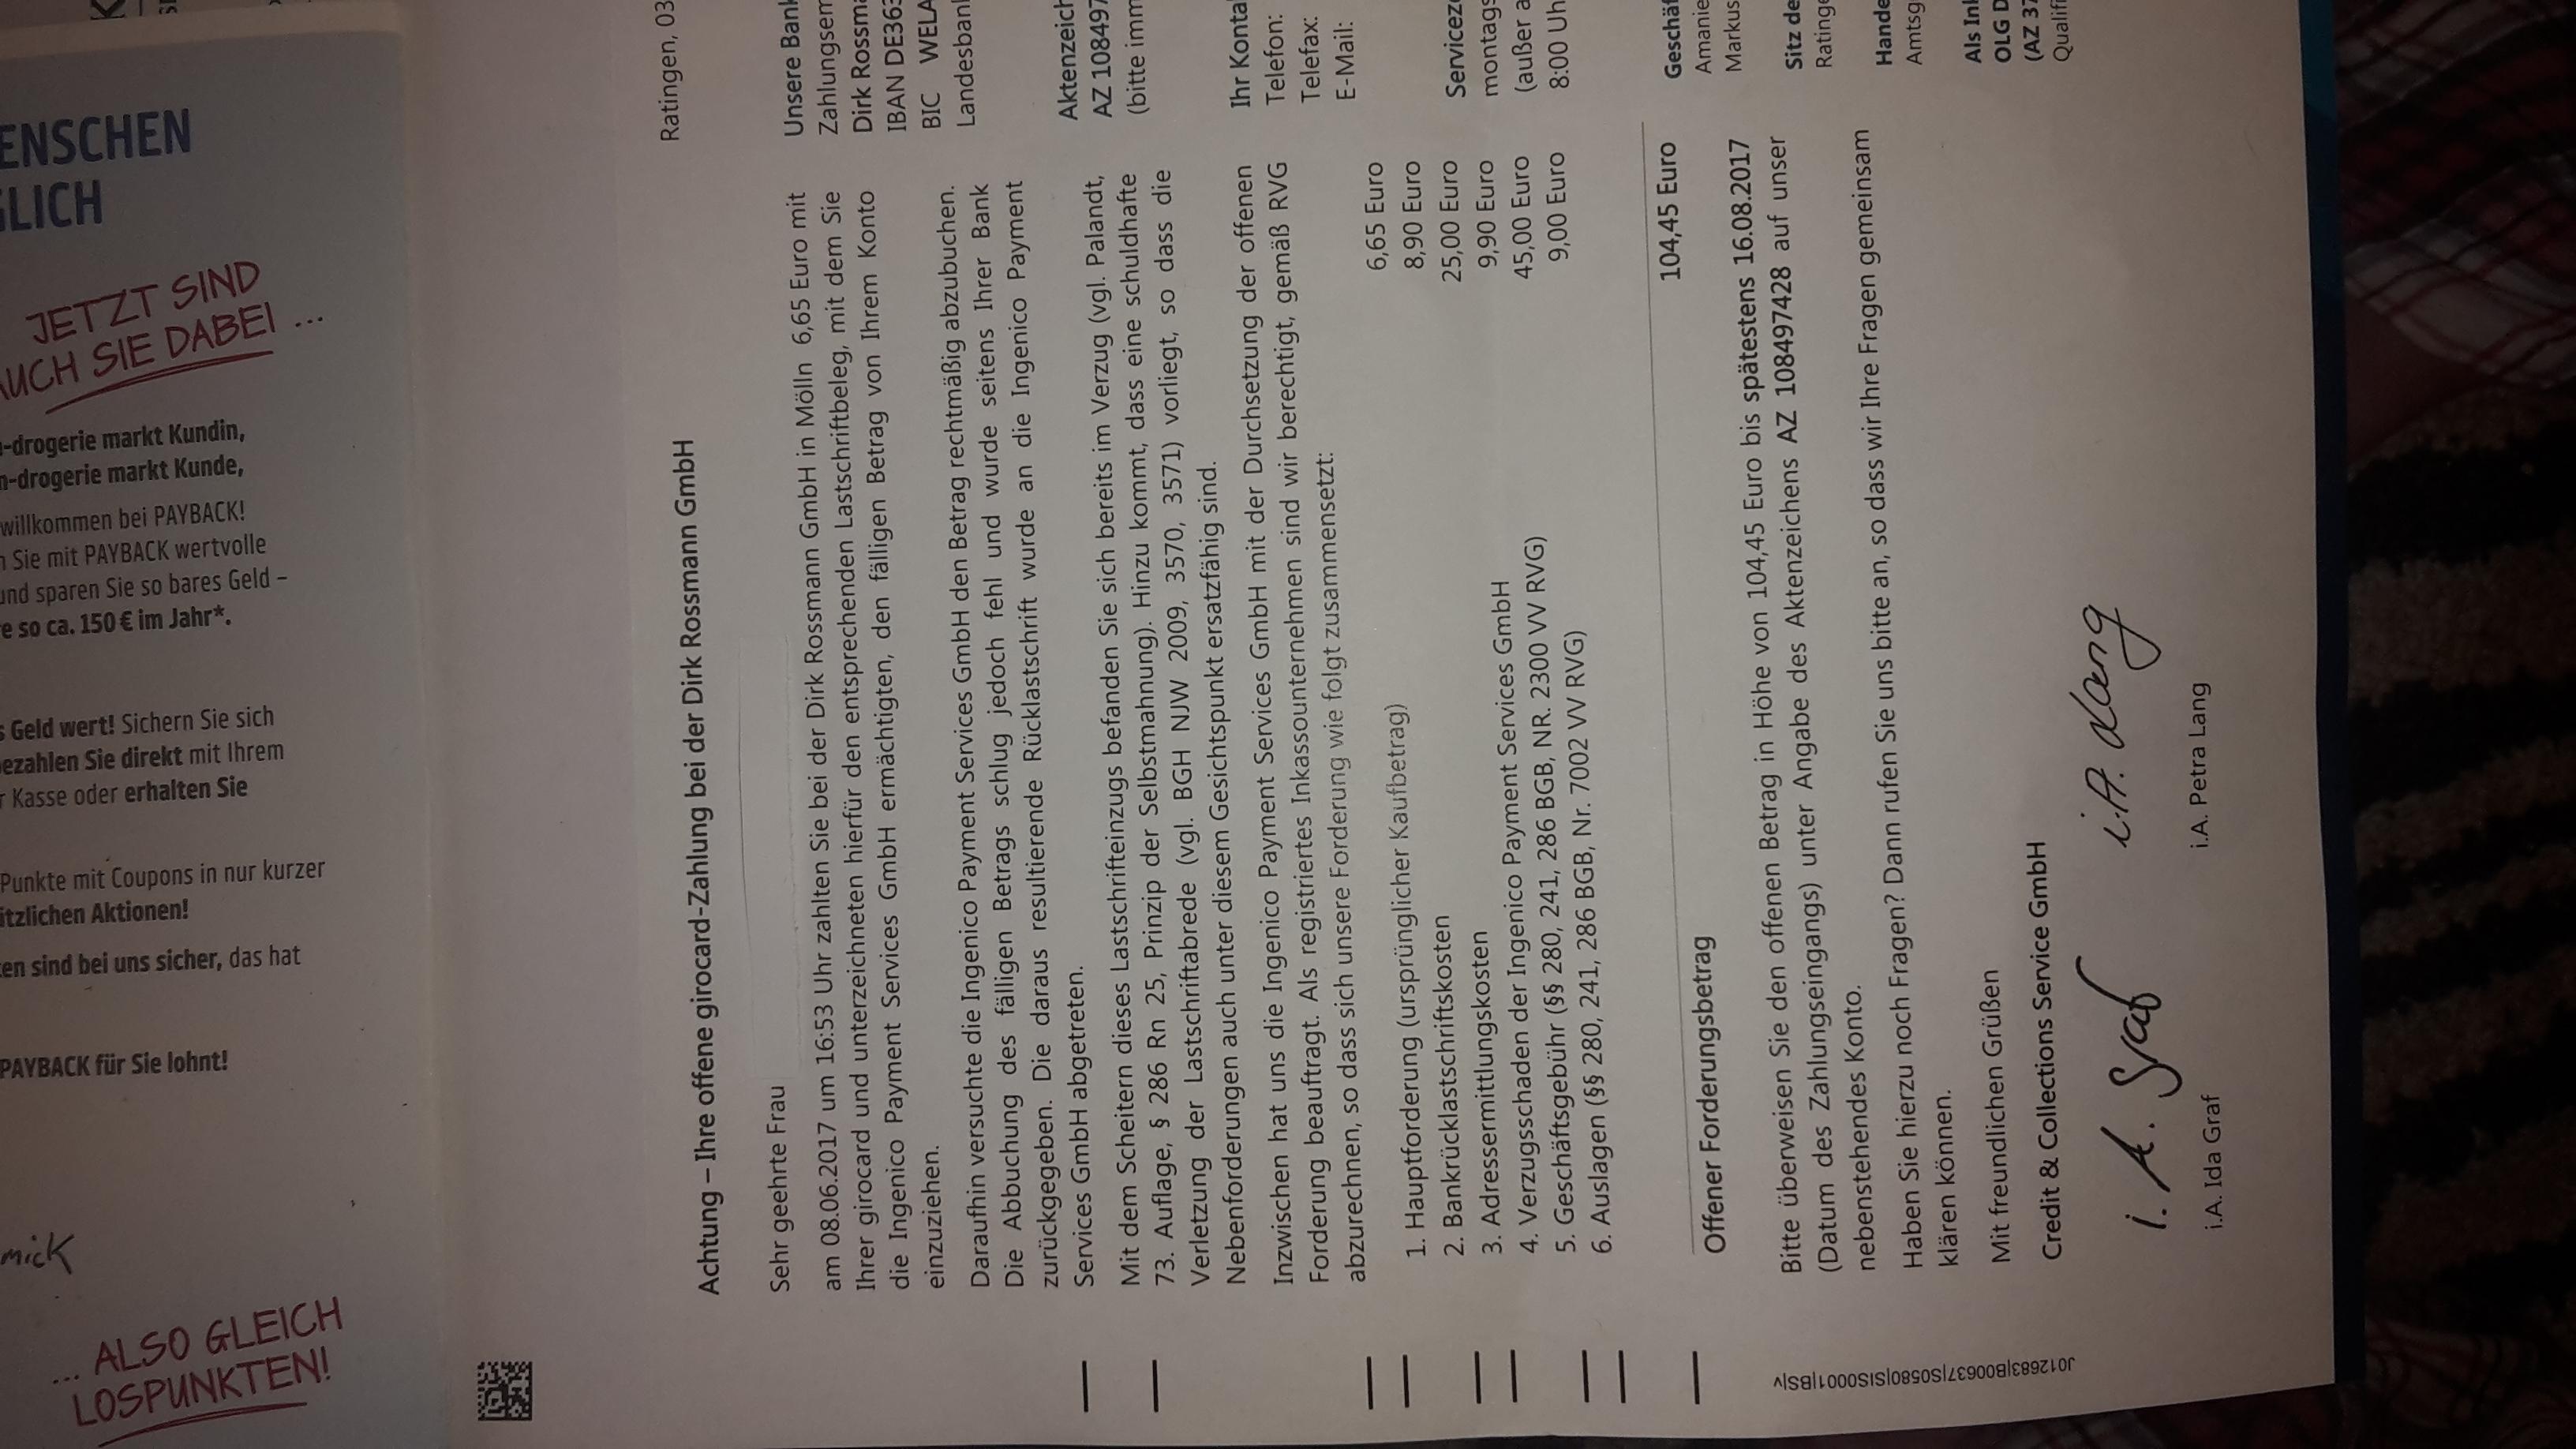 Ccs Inkasso Rechtlich Erlaubt Inkassounternehmen